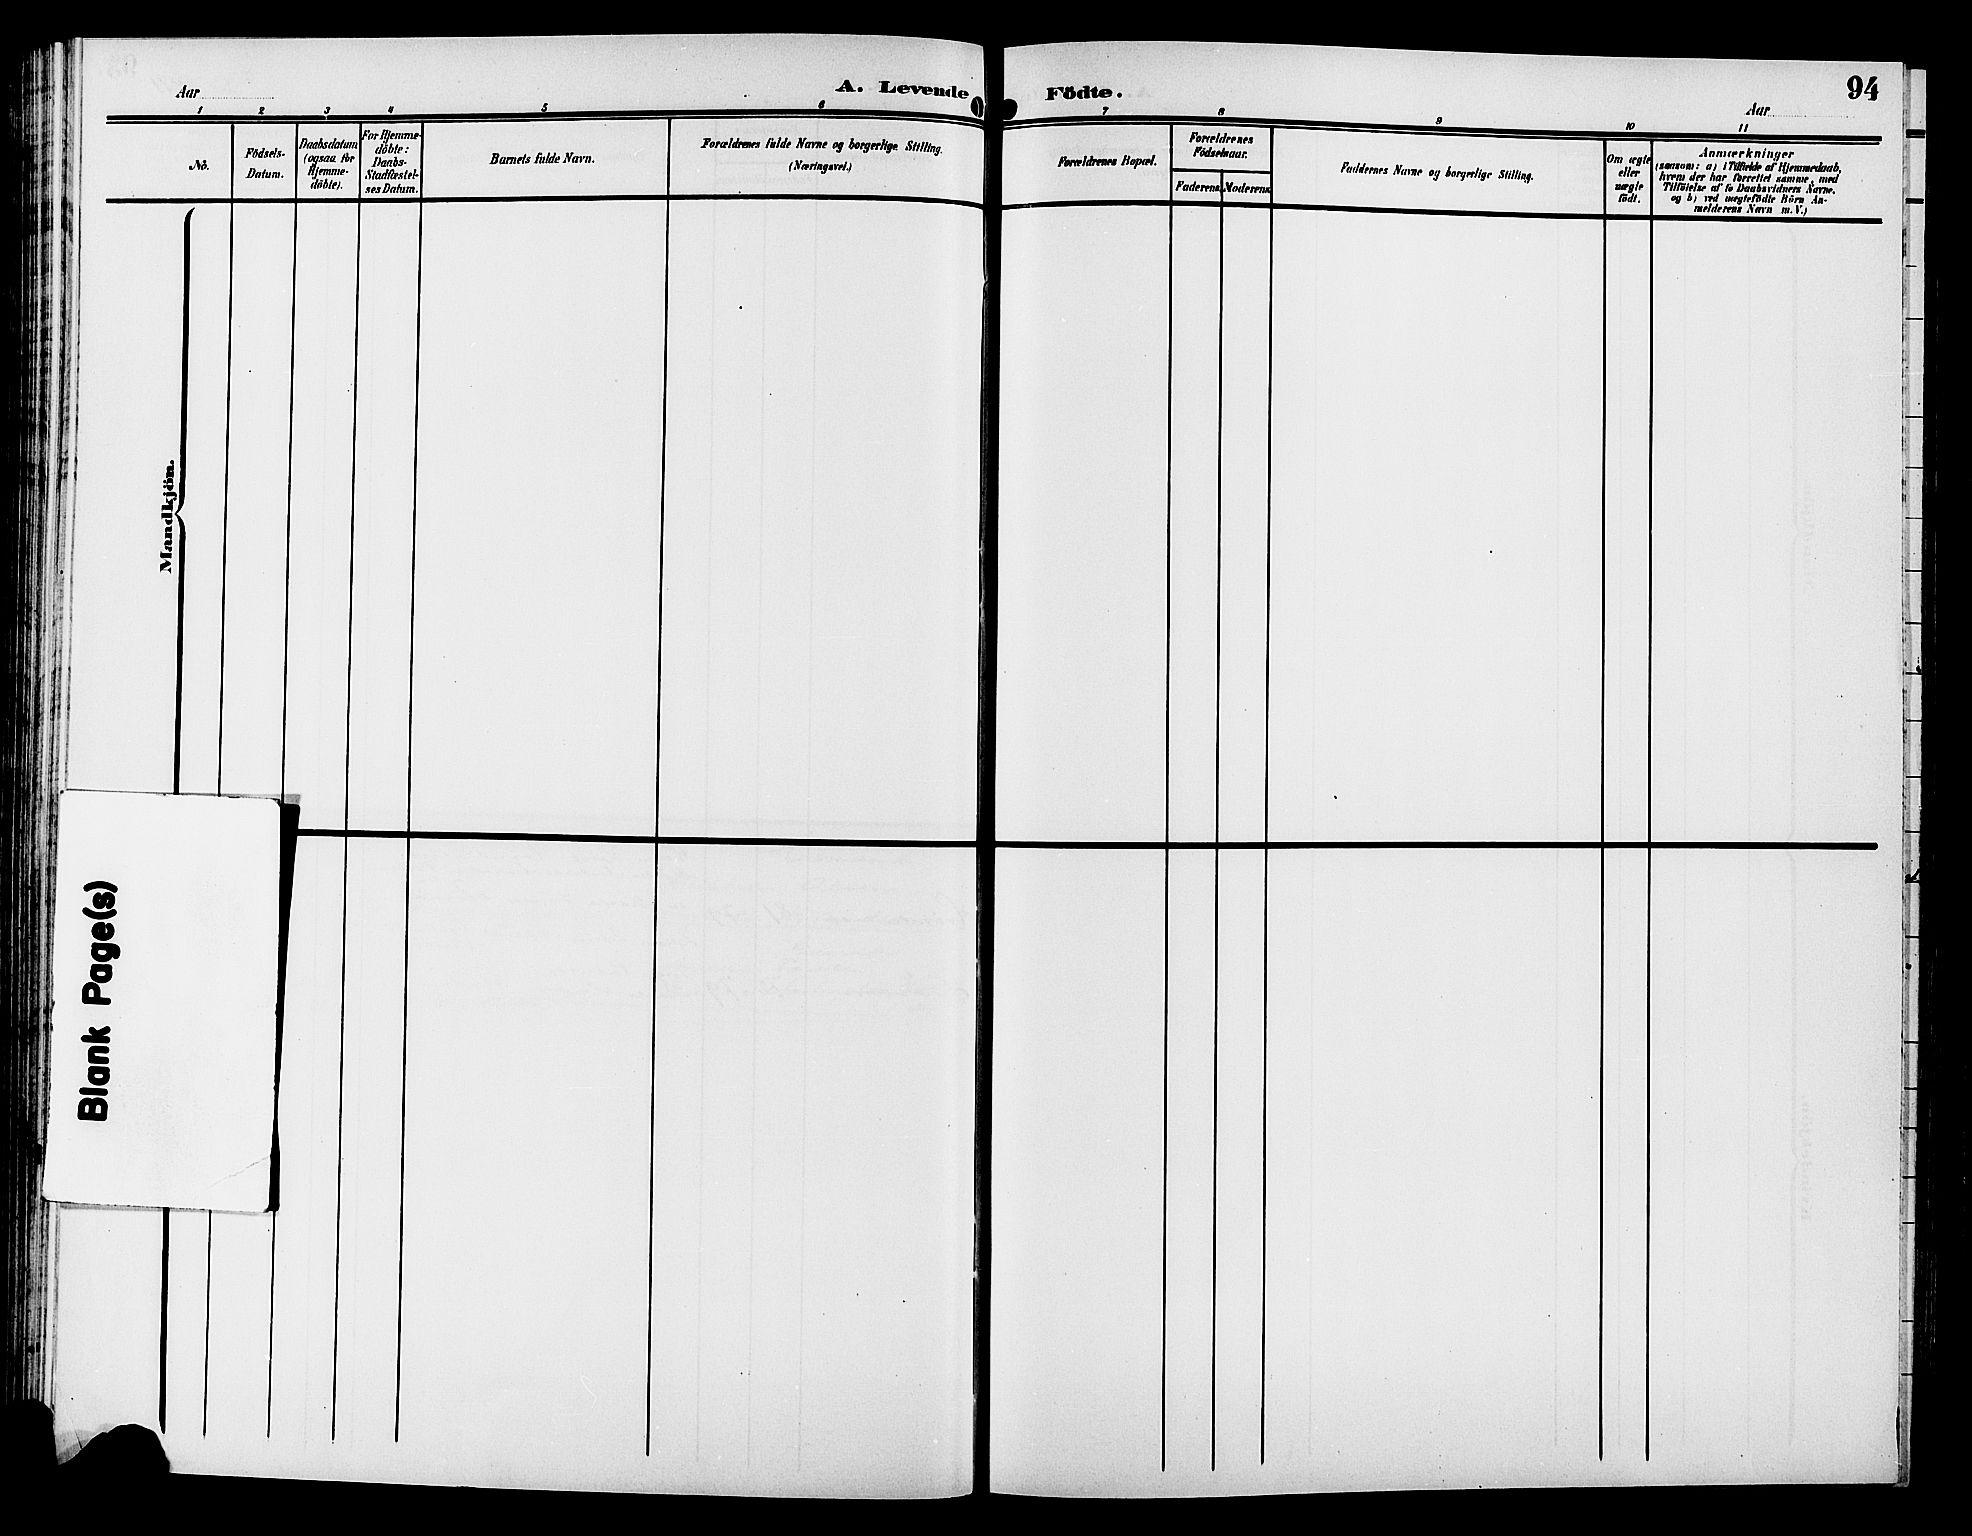 SAH, Gran prestekontor, Klokkerbok nr. 6, 1901-1911, s. 94